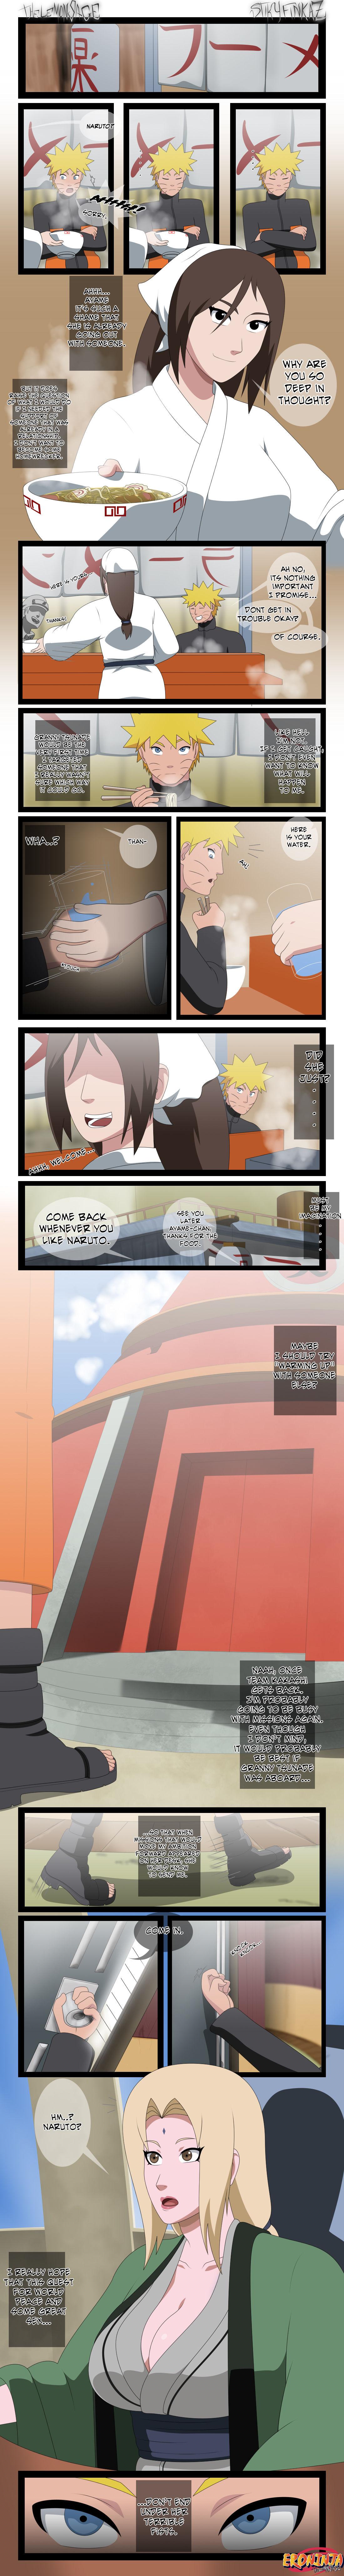 Ero Ninja 3 Hentai 07